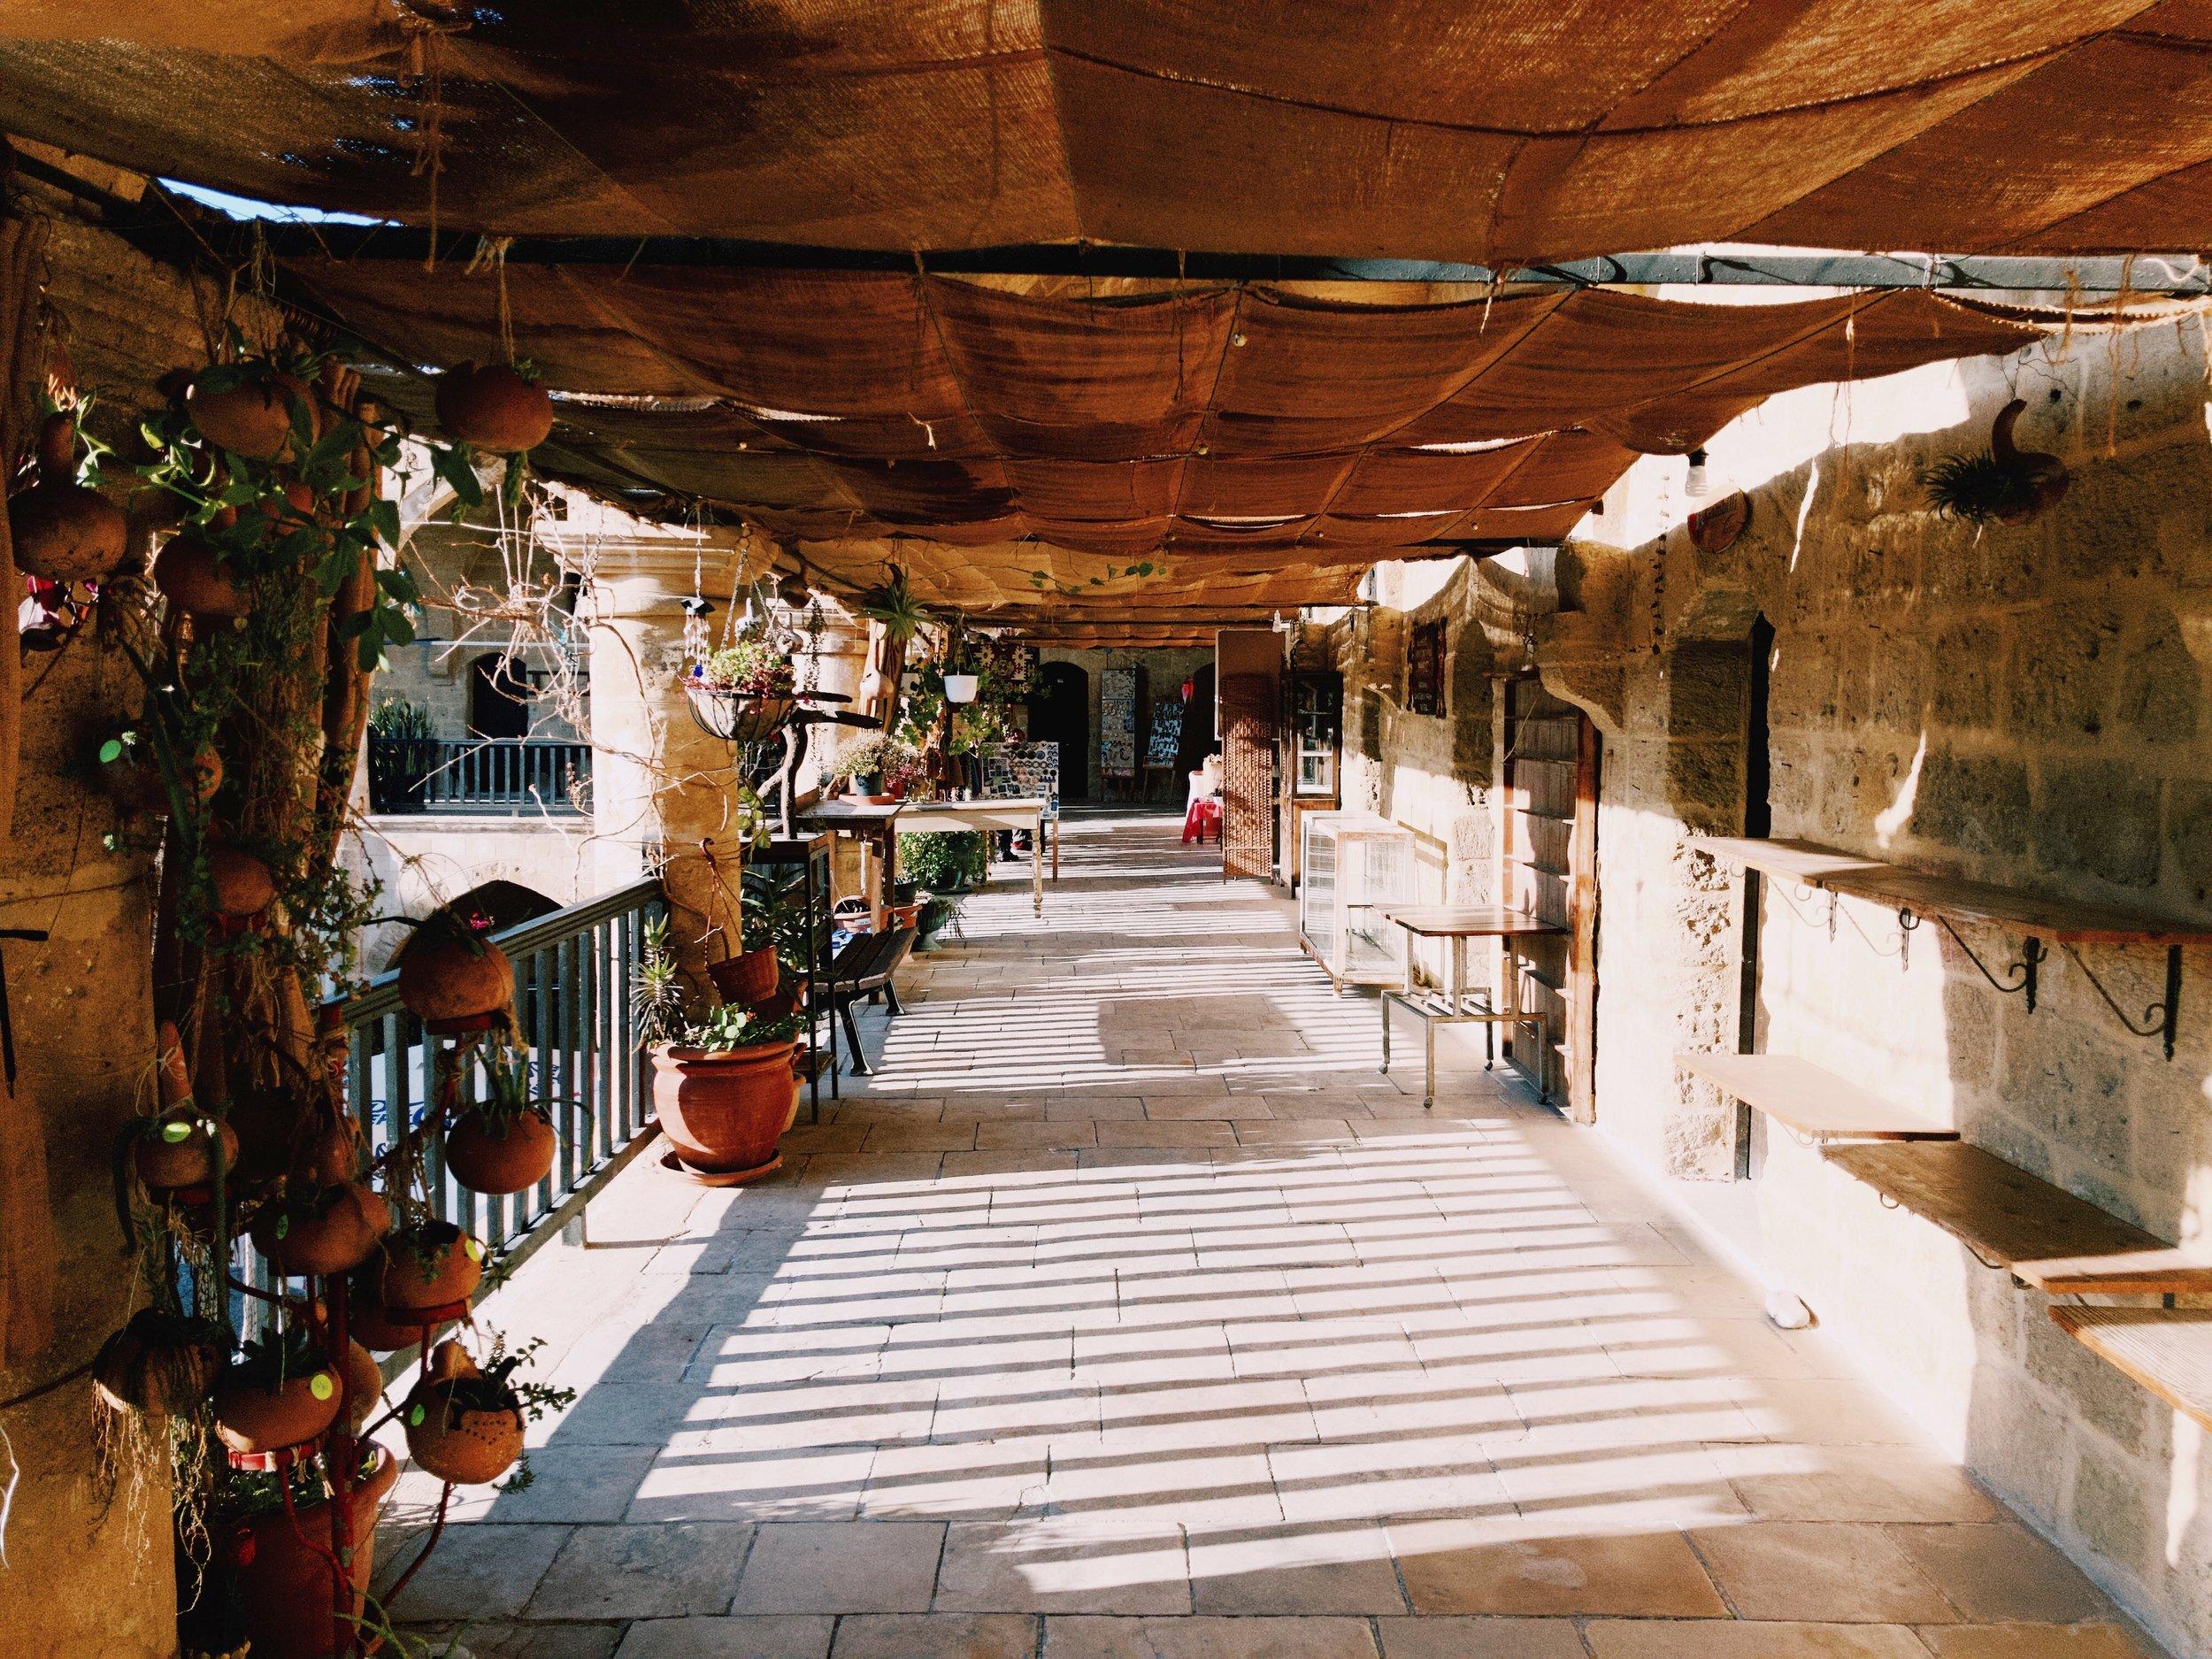 The Büyük Han arcades.